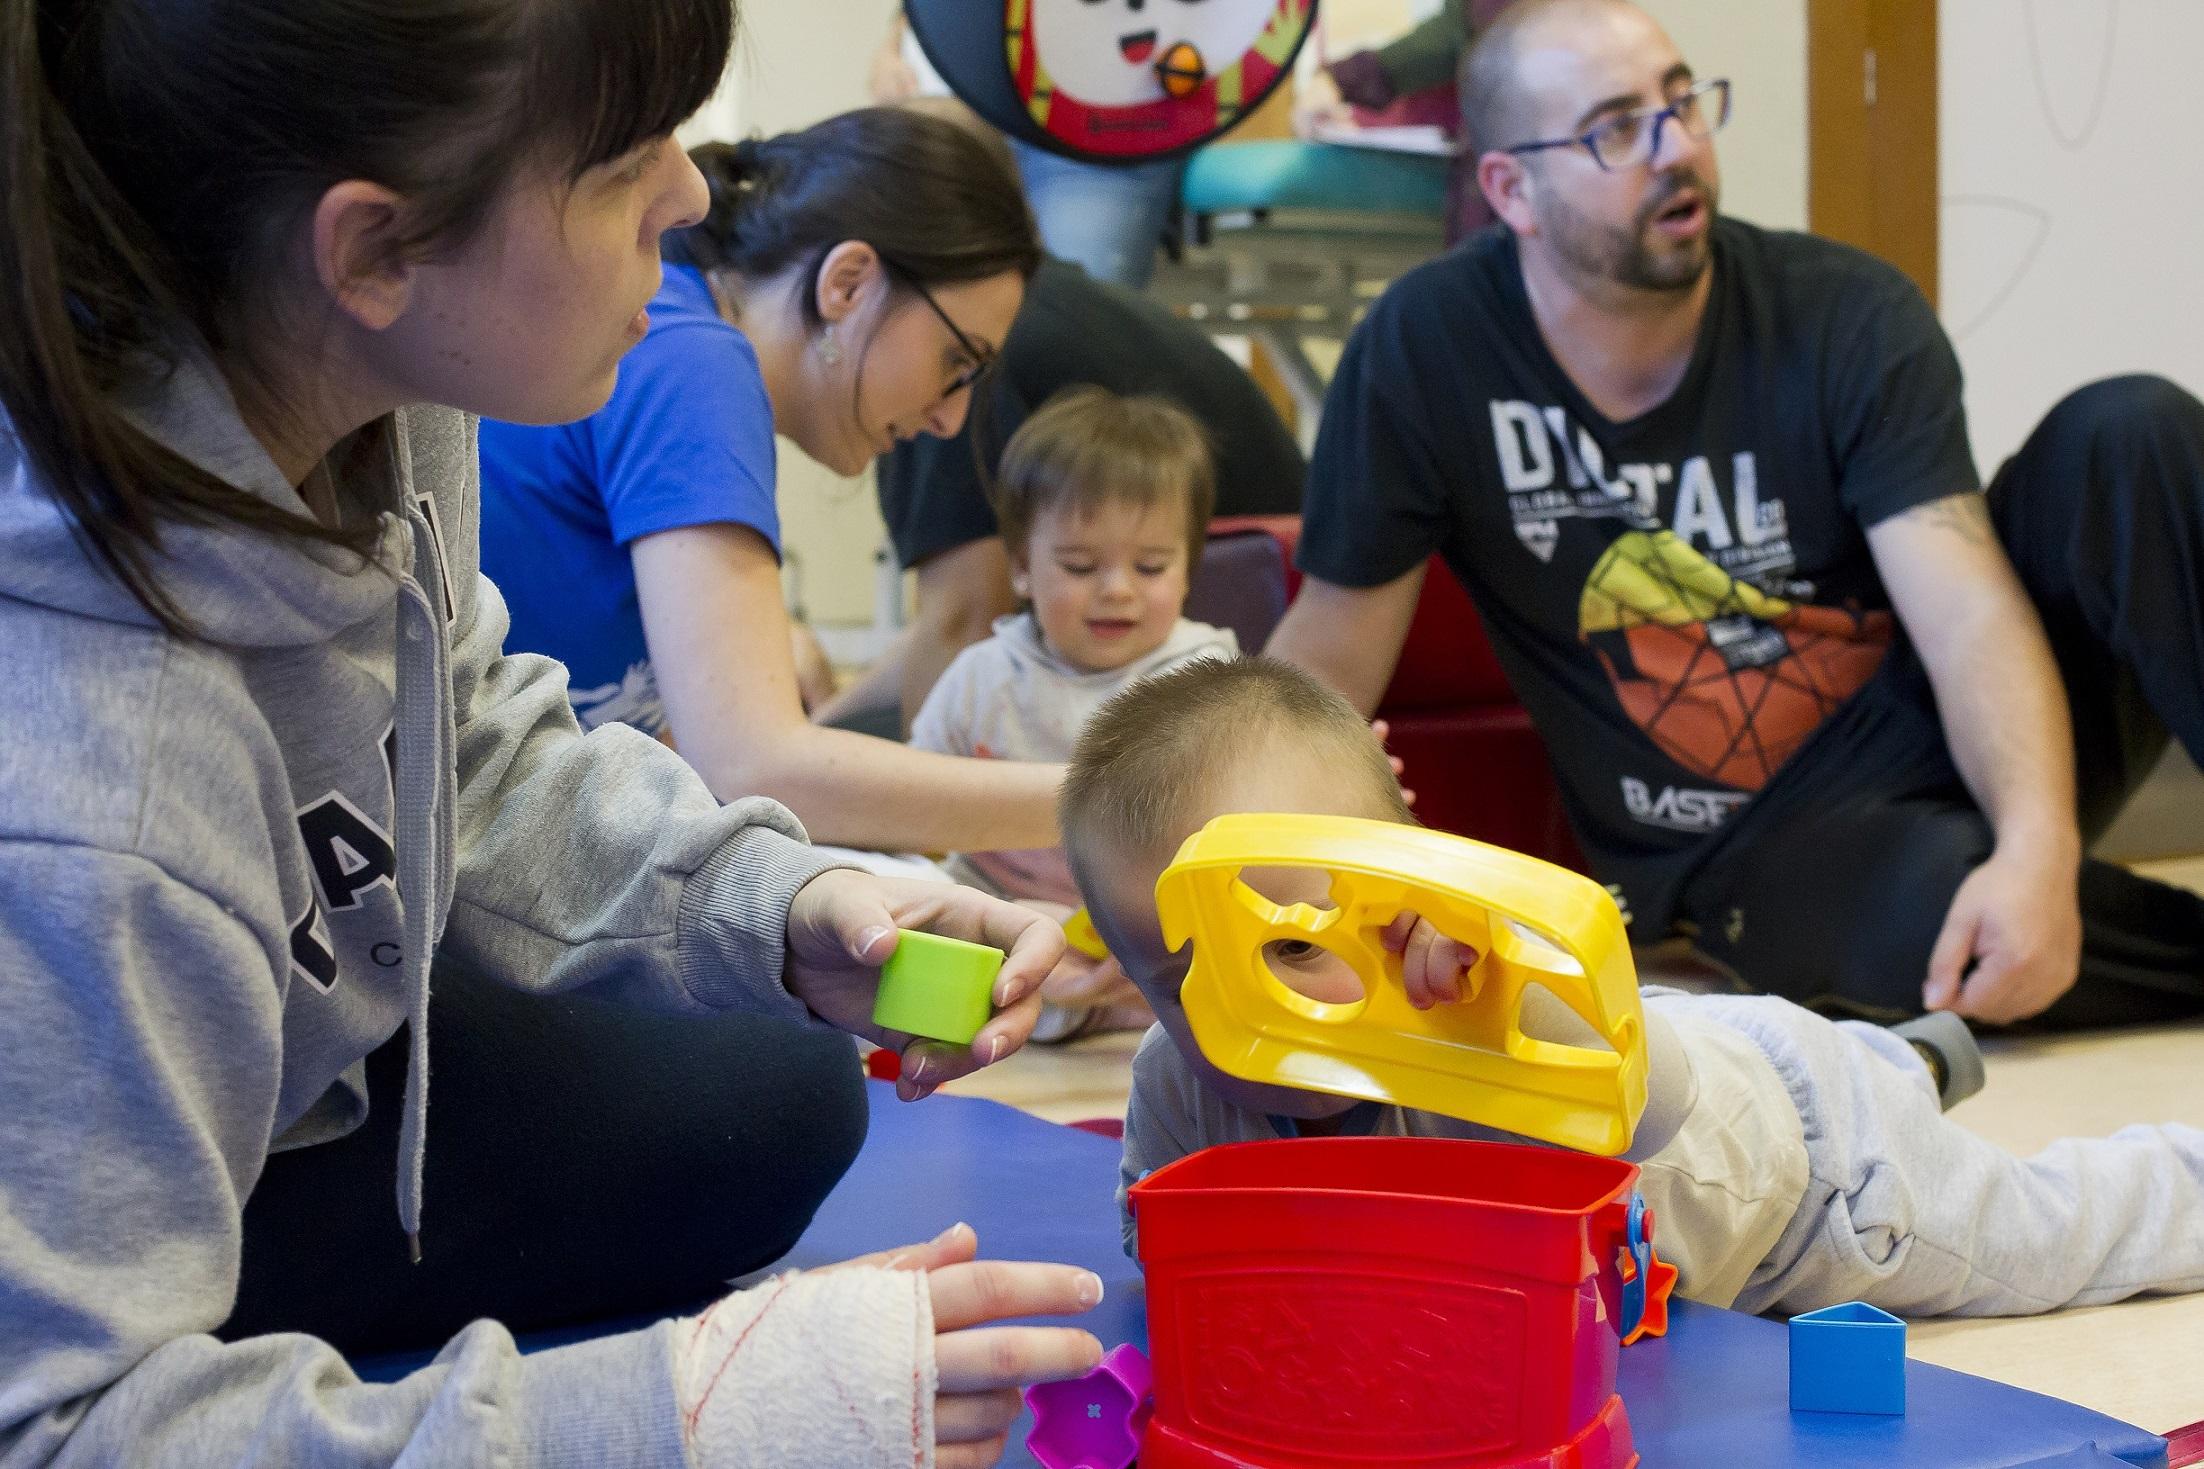 Mutua Madrileña y Plena Inclusión, se unen para contribuir al desarrollo de personas con discapacidad intelectual